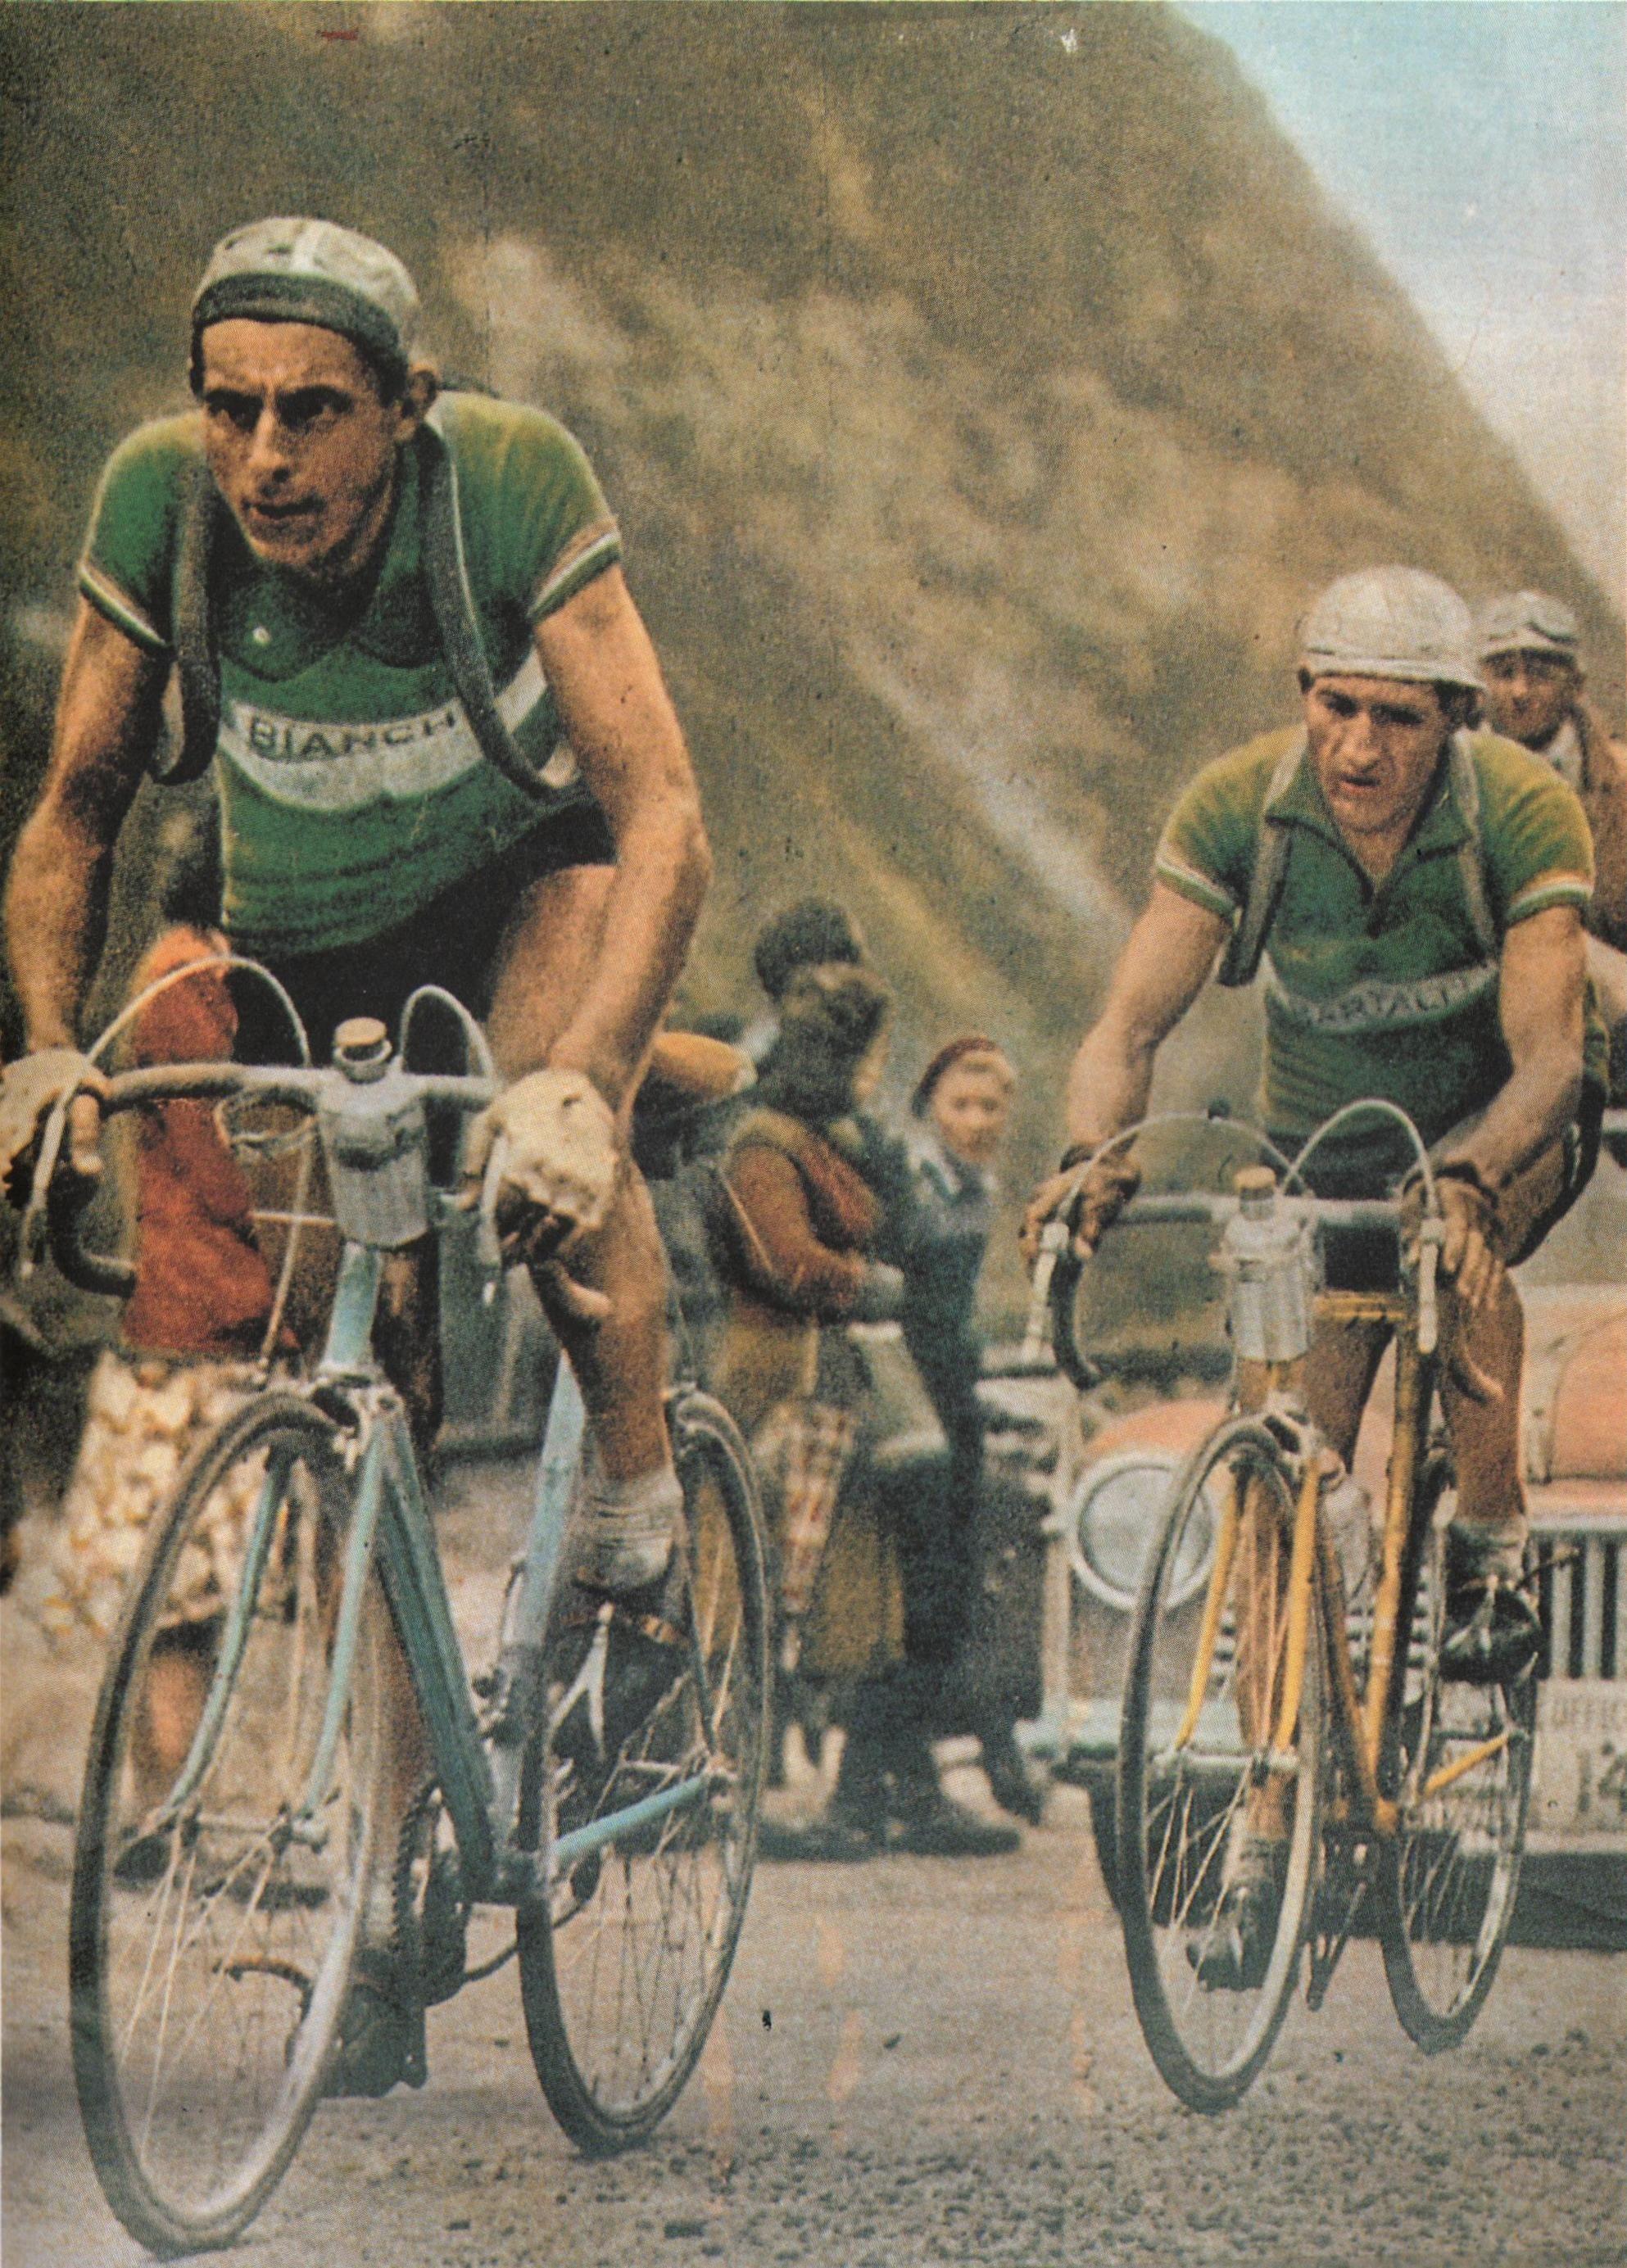 Tour de France 1949. 16^Tappa, 18 luglio. Cannes > Briançon. Col d'Izoard. Fausto Coppi (1919-1960) e Gino Bartali (1914-2000)